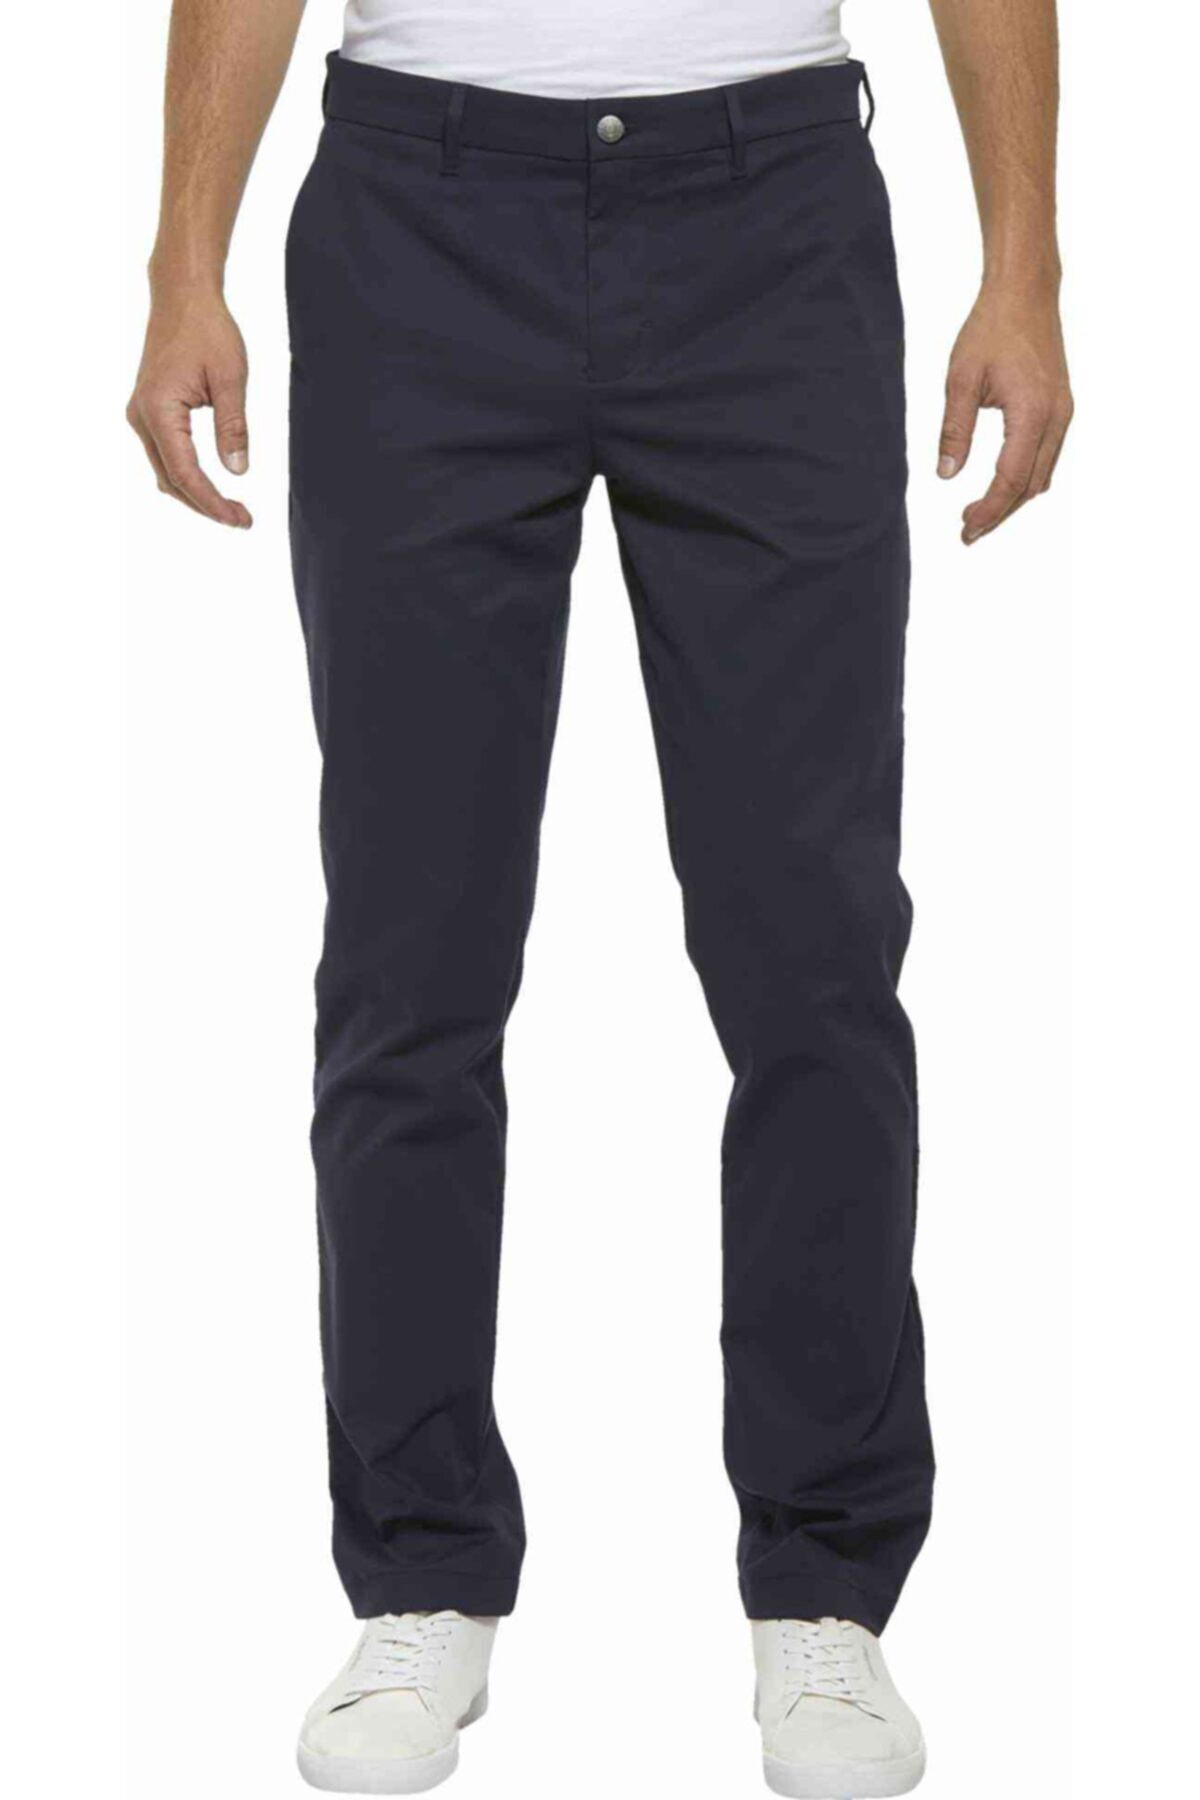 Calvin Klein Ck Erkek Slım Chıno Stretch Pantolon 1